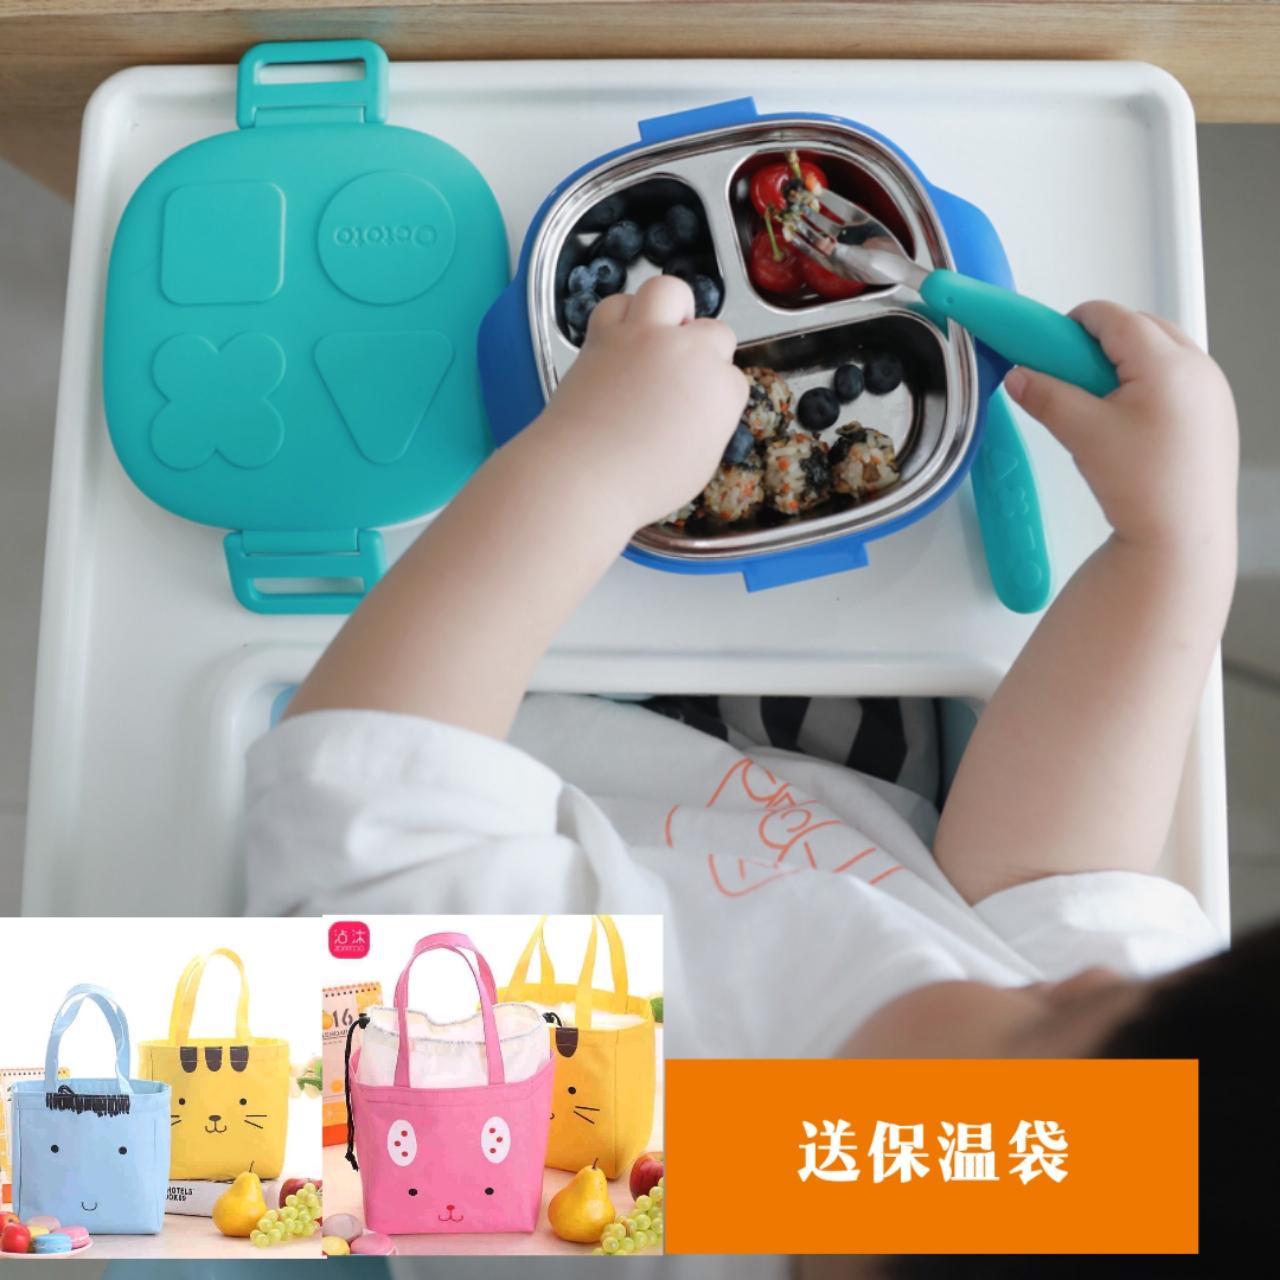 octoto宝宝保温饭盒儿童餐具套装分格盘不锈钢外出便携碗防摔餐具